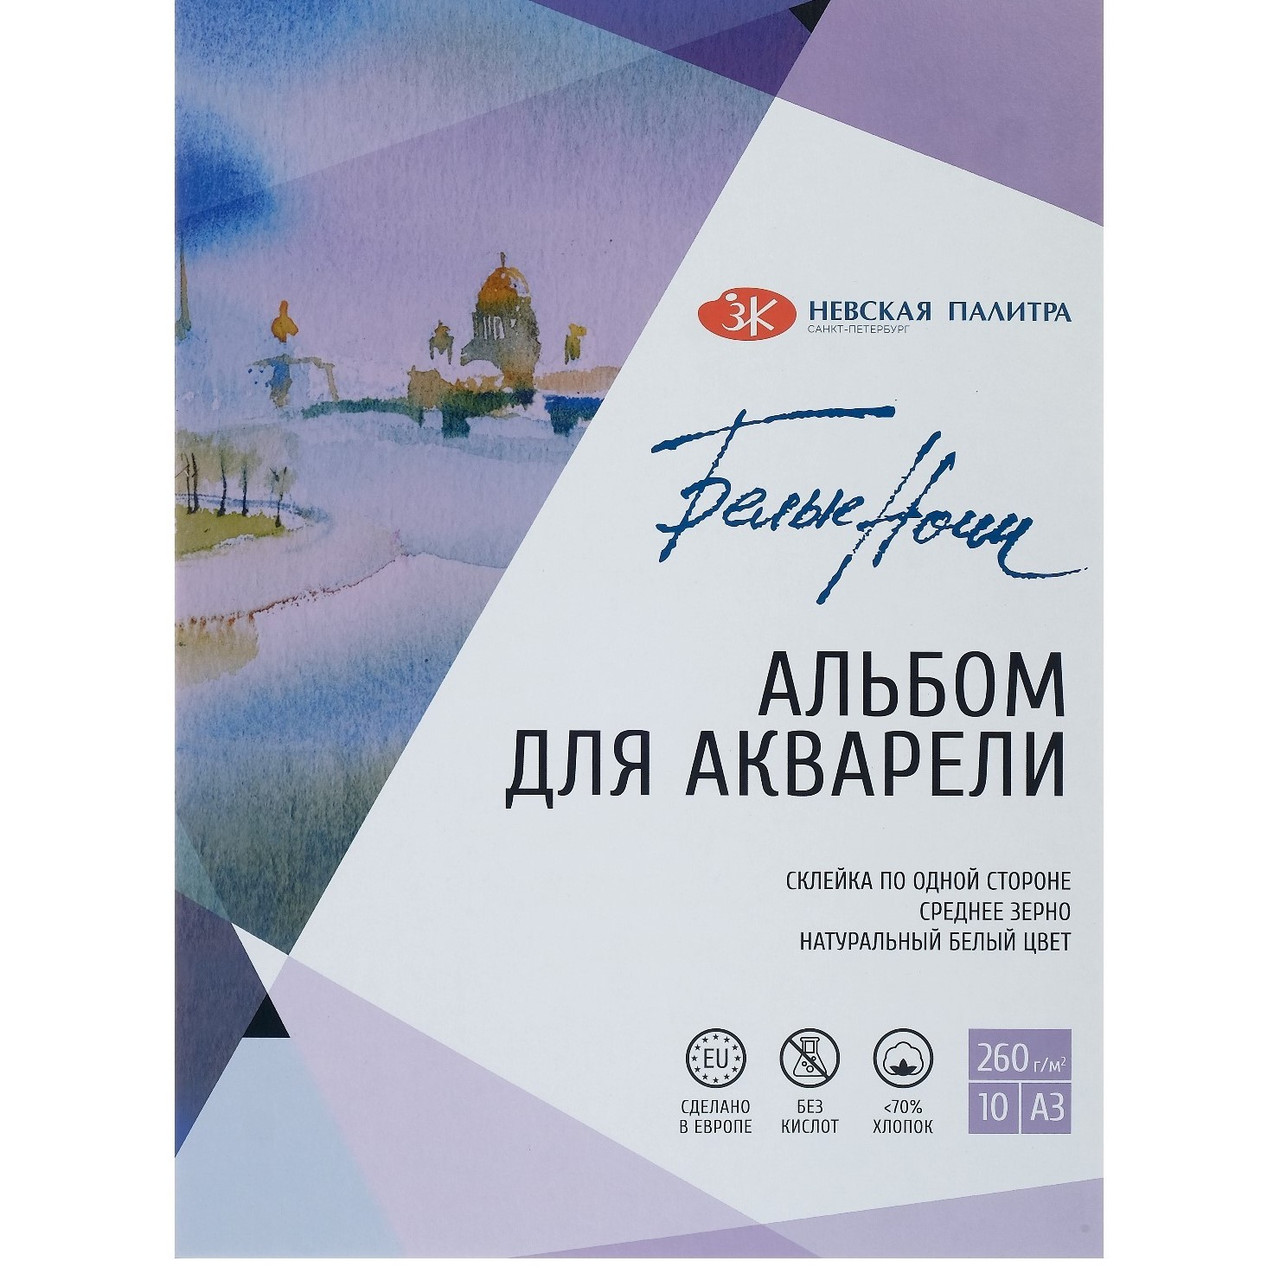 Альбом для Акварели хлопок/целлюлоза, А3, ЗХК «Белые ночи», 10 листов, 70%, 260 г/м², на склейке